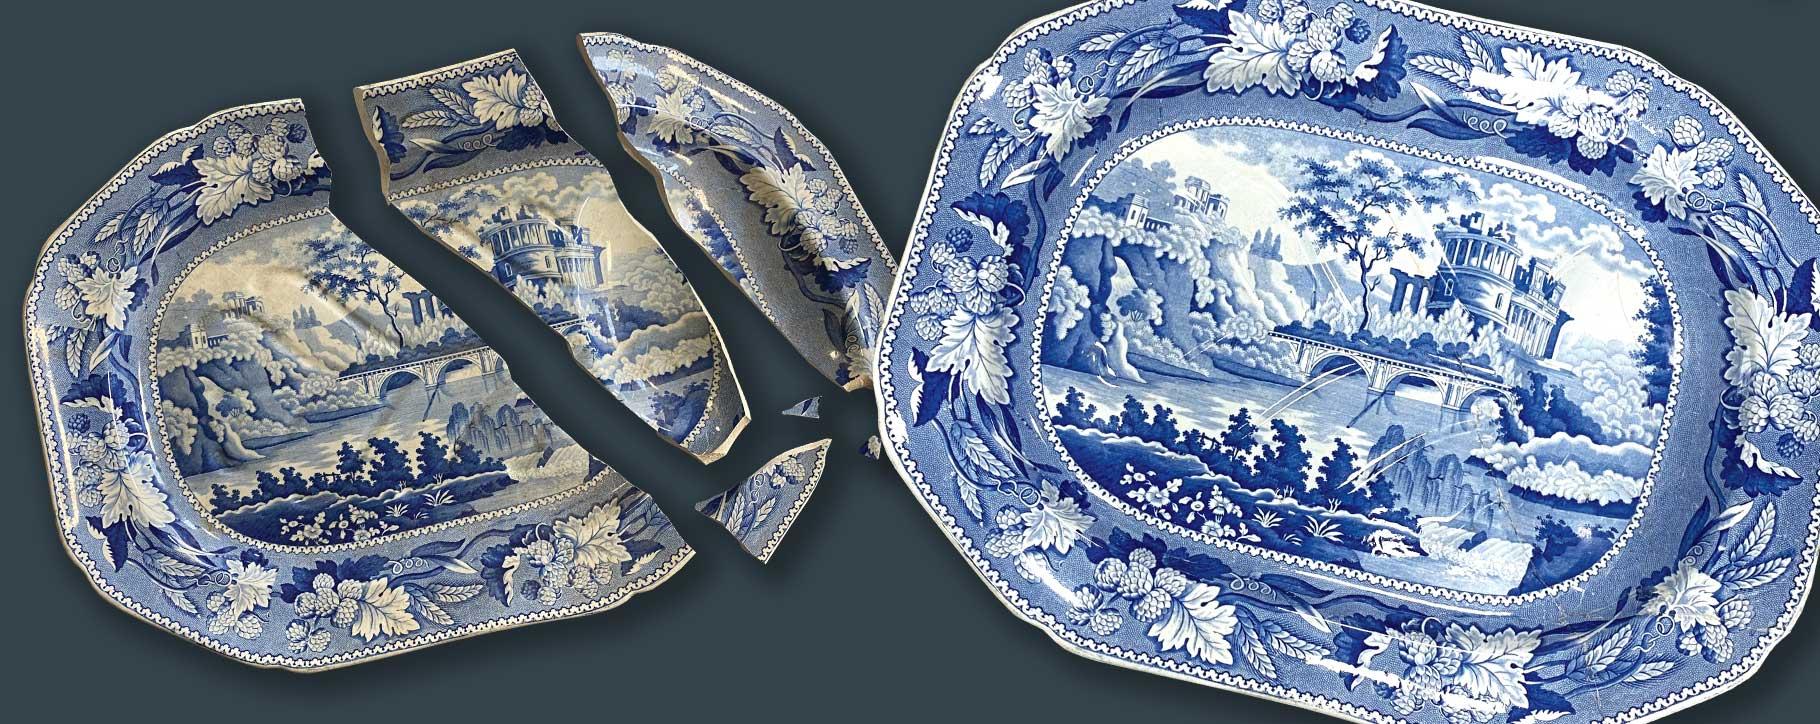 ceramic platter restoration